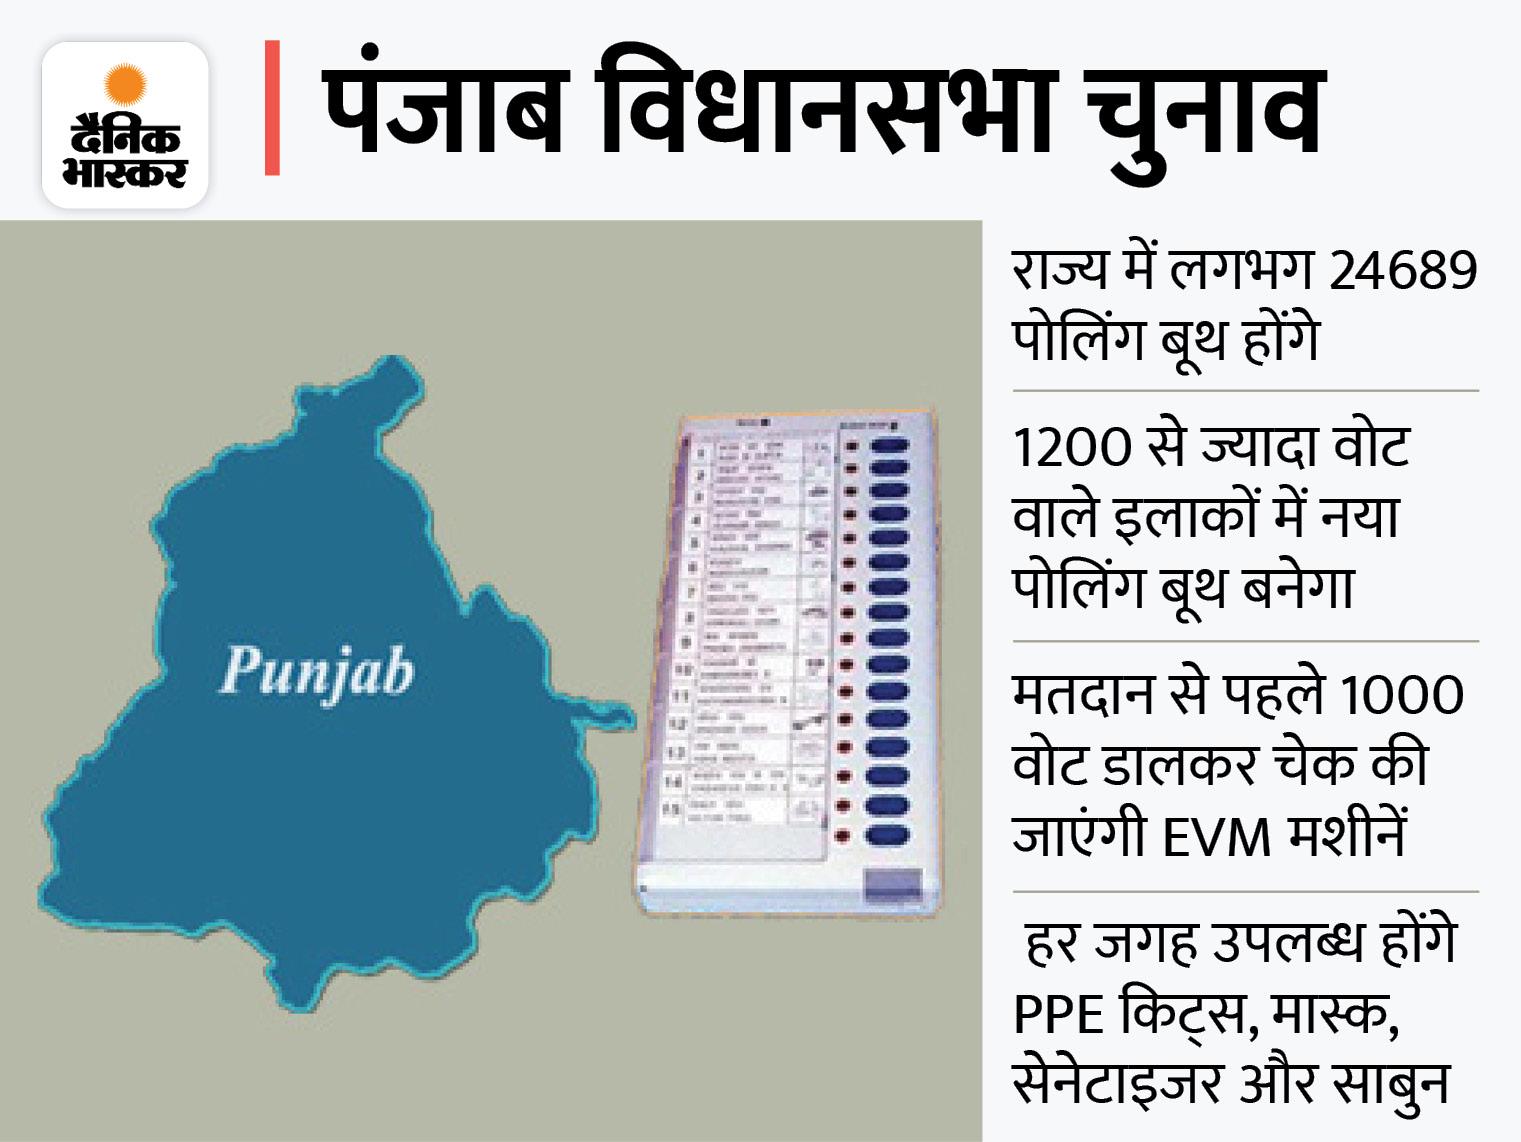 30.80 लाख ही खर्च कर सकेंगे उम्मीदवार, पोलिंग बूथों की भी बढ़ाई जाएगी संख्या; मध्यप्रदेश से आएंगी EVM|लुधियाना,Ludhiana - Dainik Bhaskar